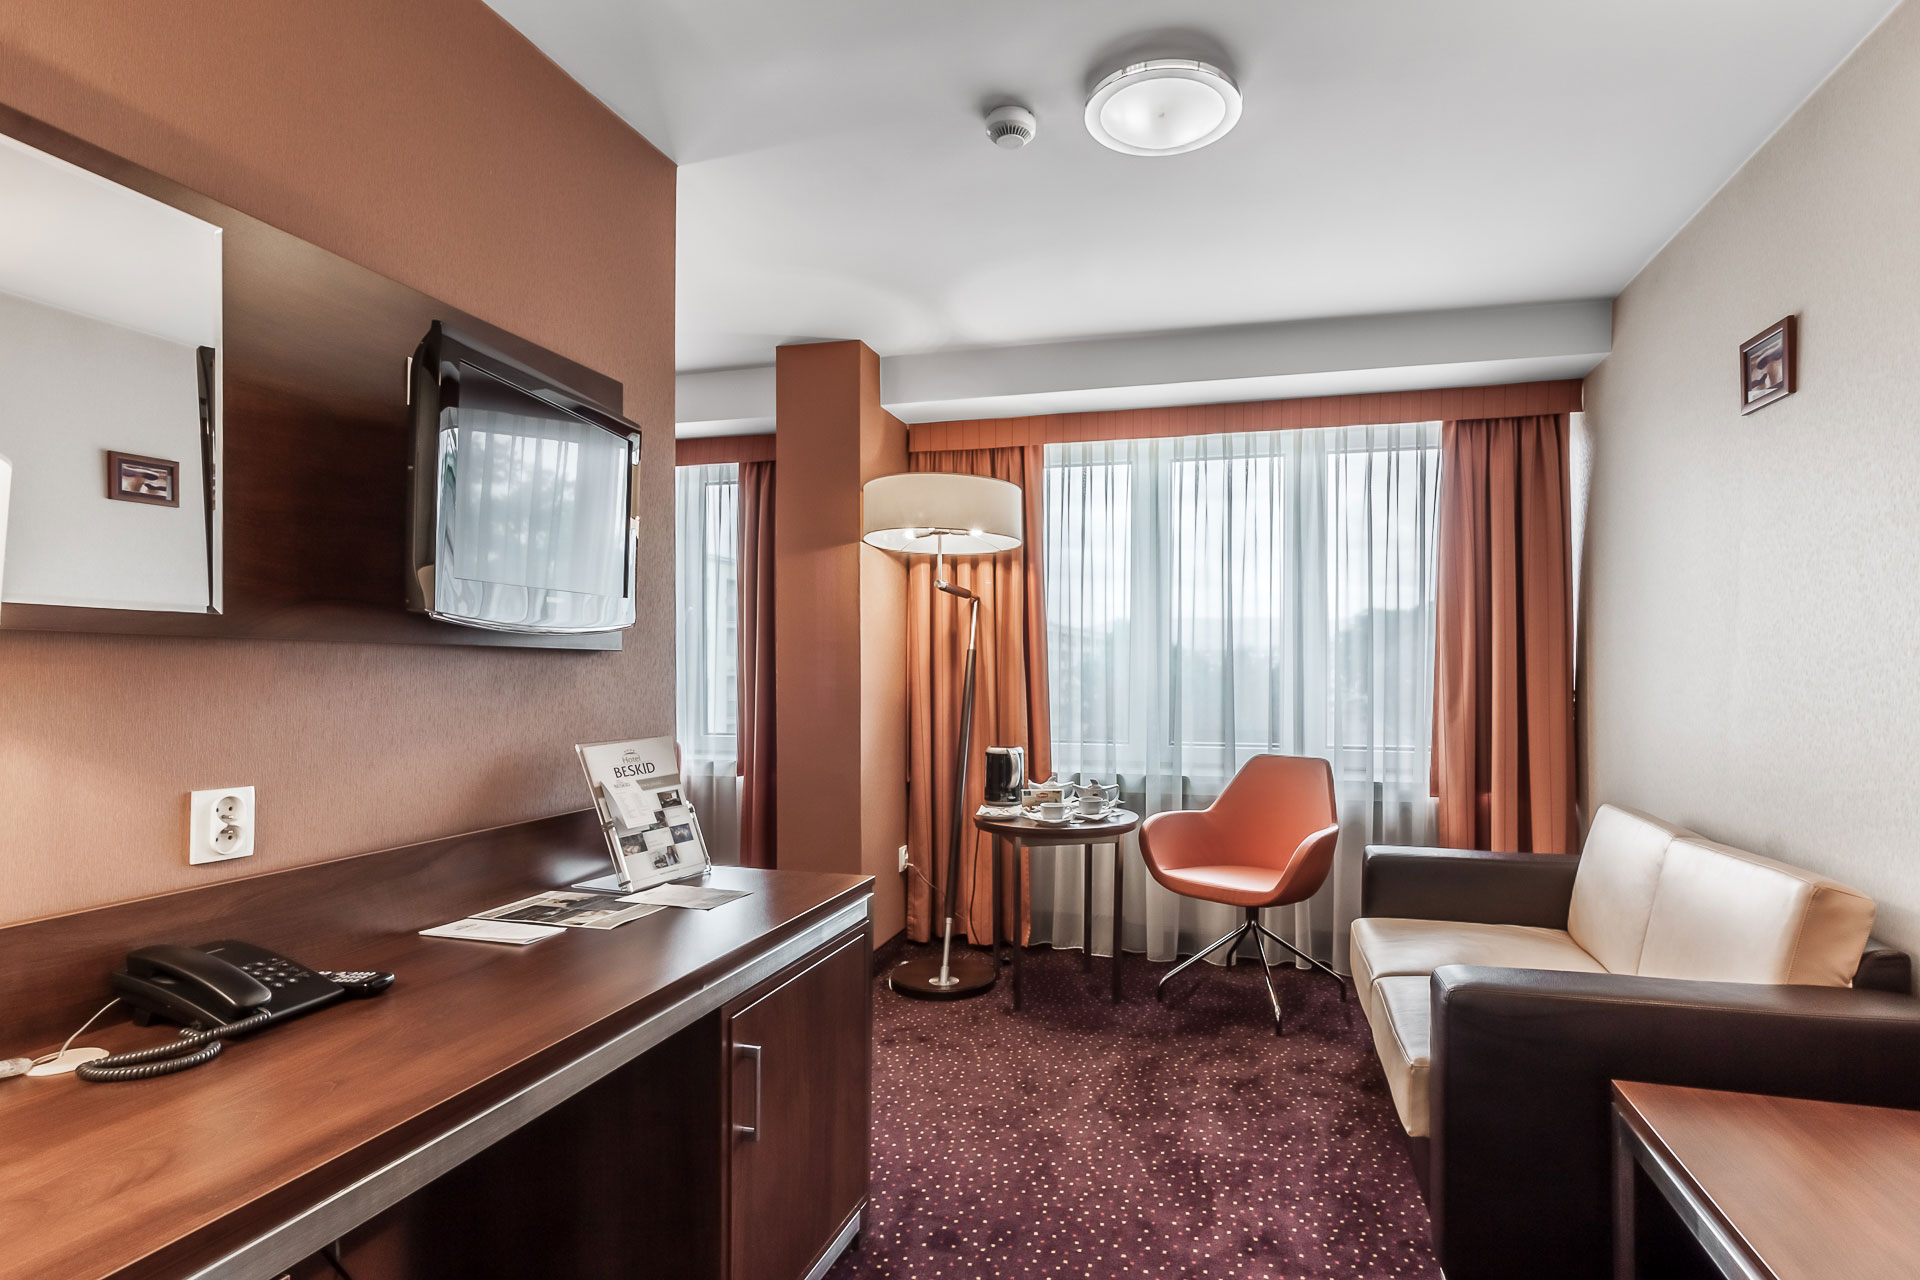 Zdjęcie - Superior Lux Apartment - Hotel Beskid****